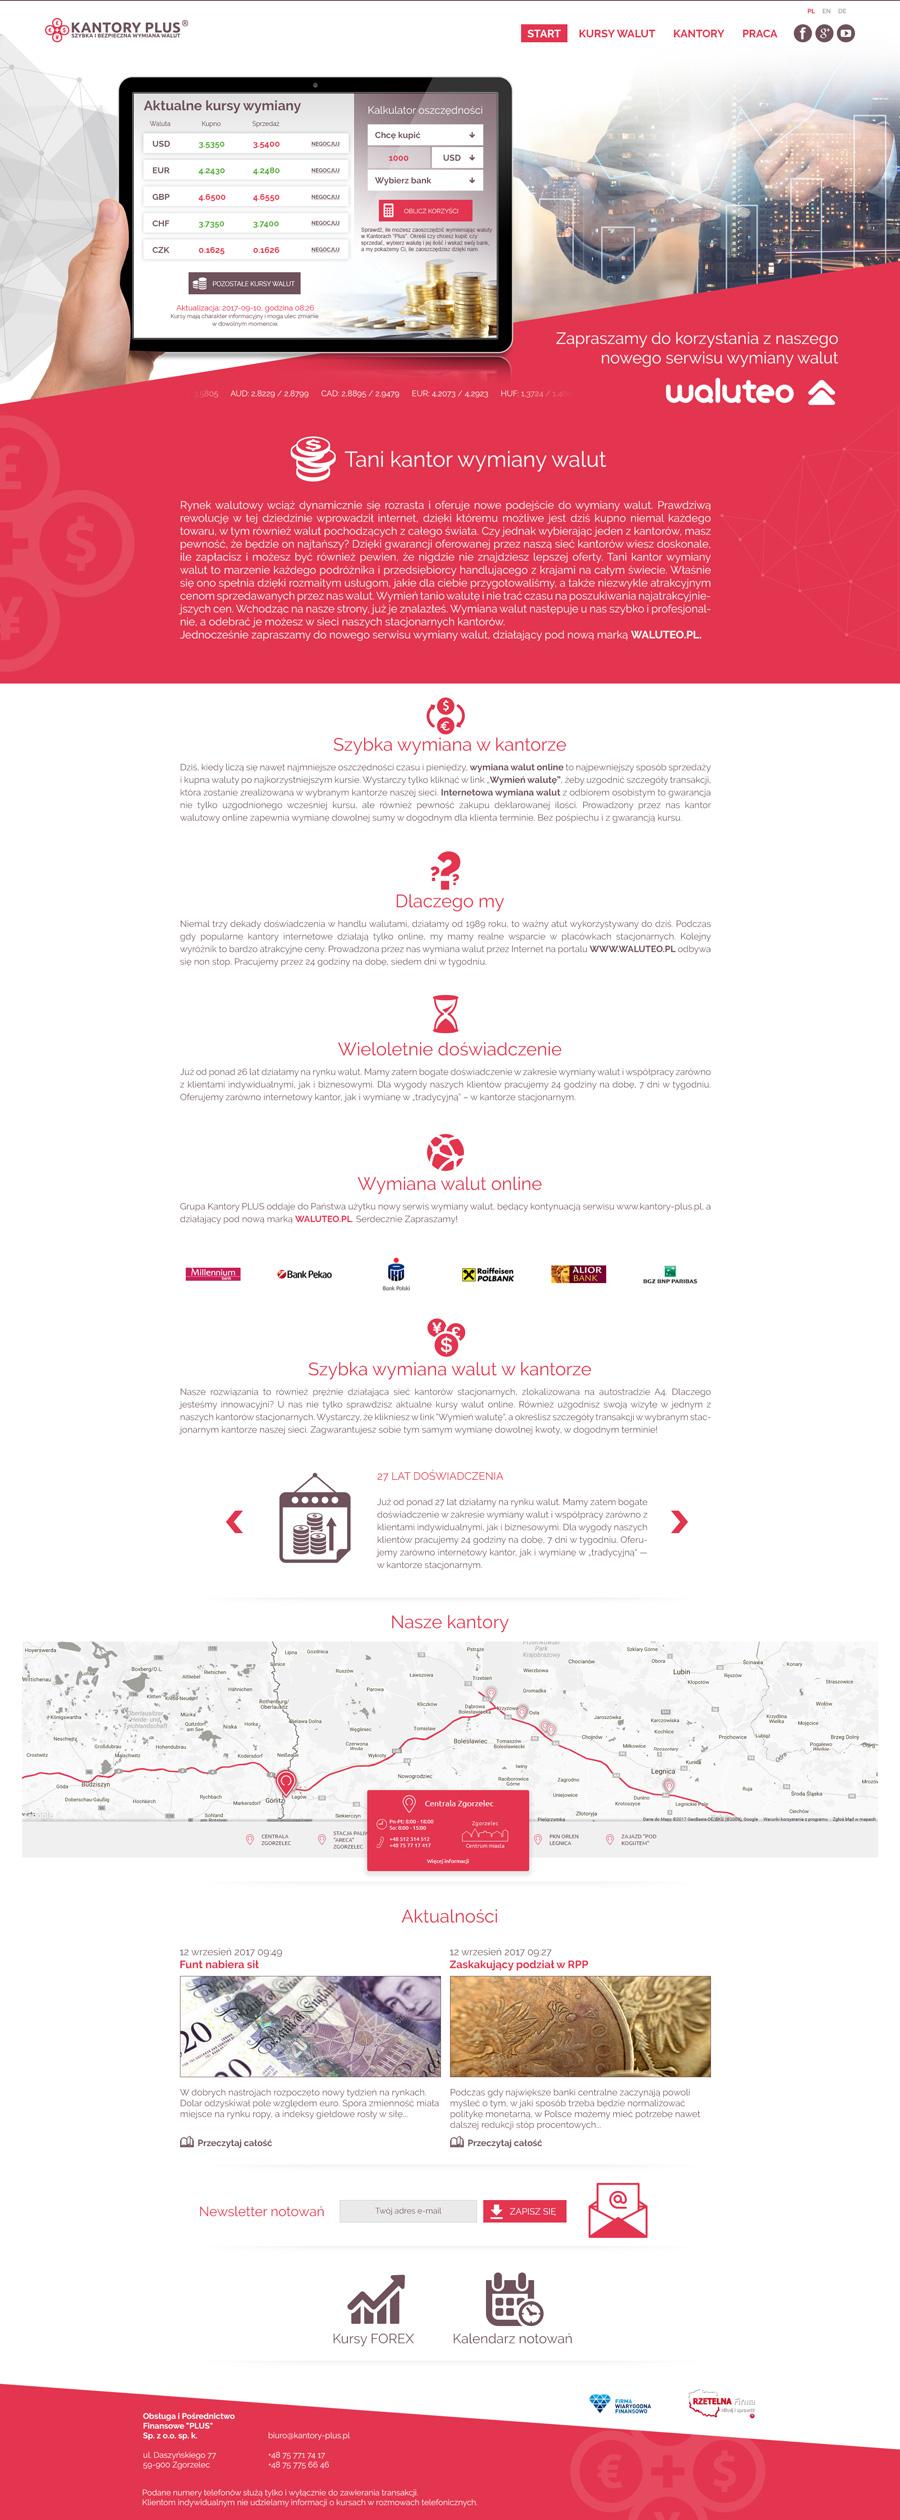 Projekty stron WWW, grafik freelancer, Wrocław, grafika WWW, projektowanie stron WWW, freelancer, grafika, web, web freelance, grafik wrocław